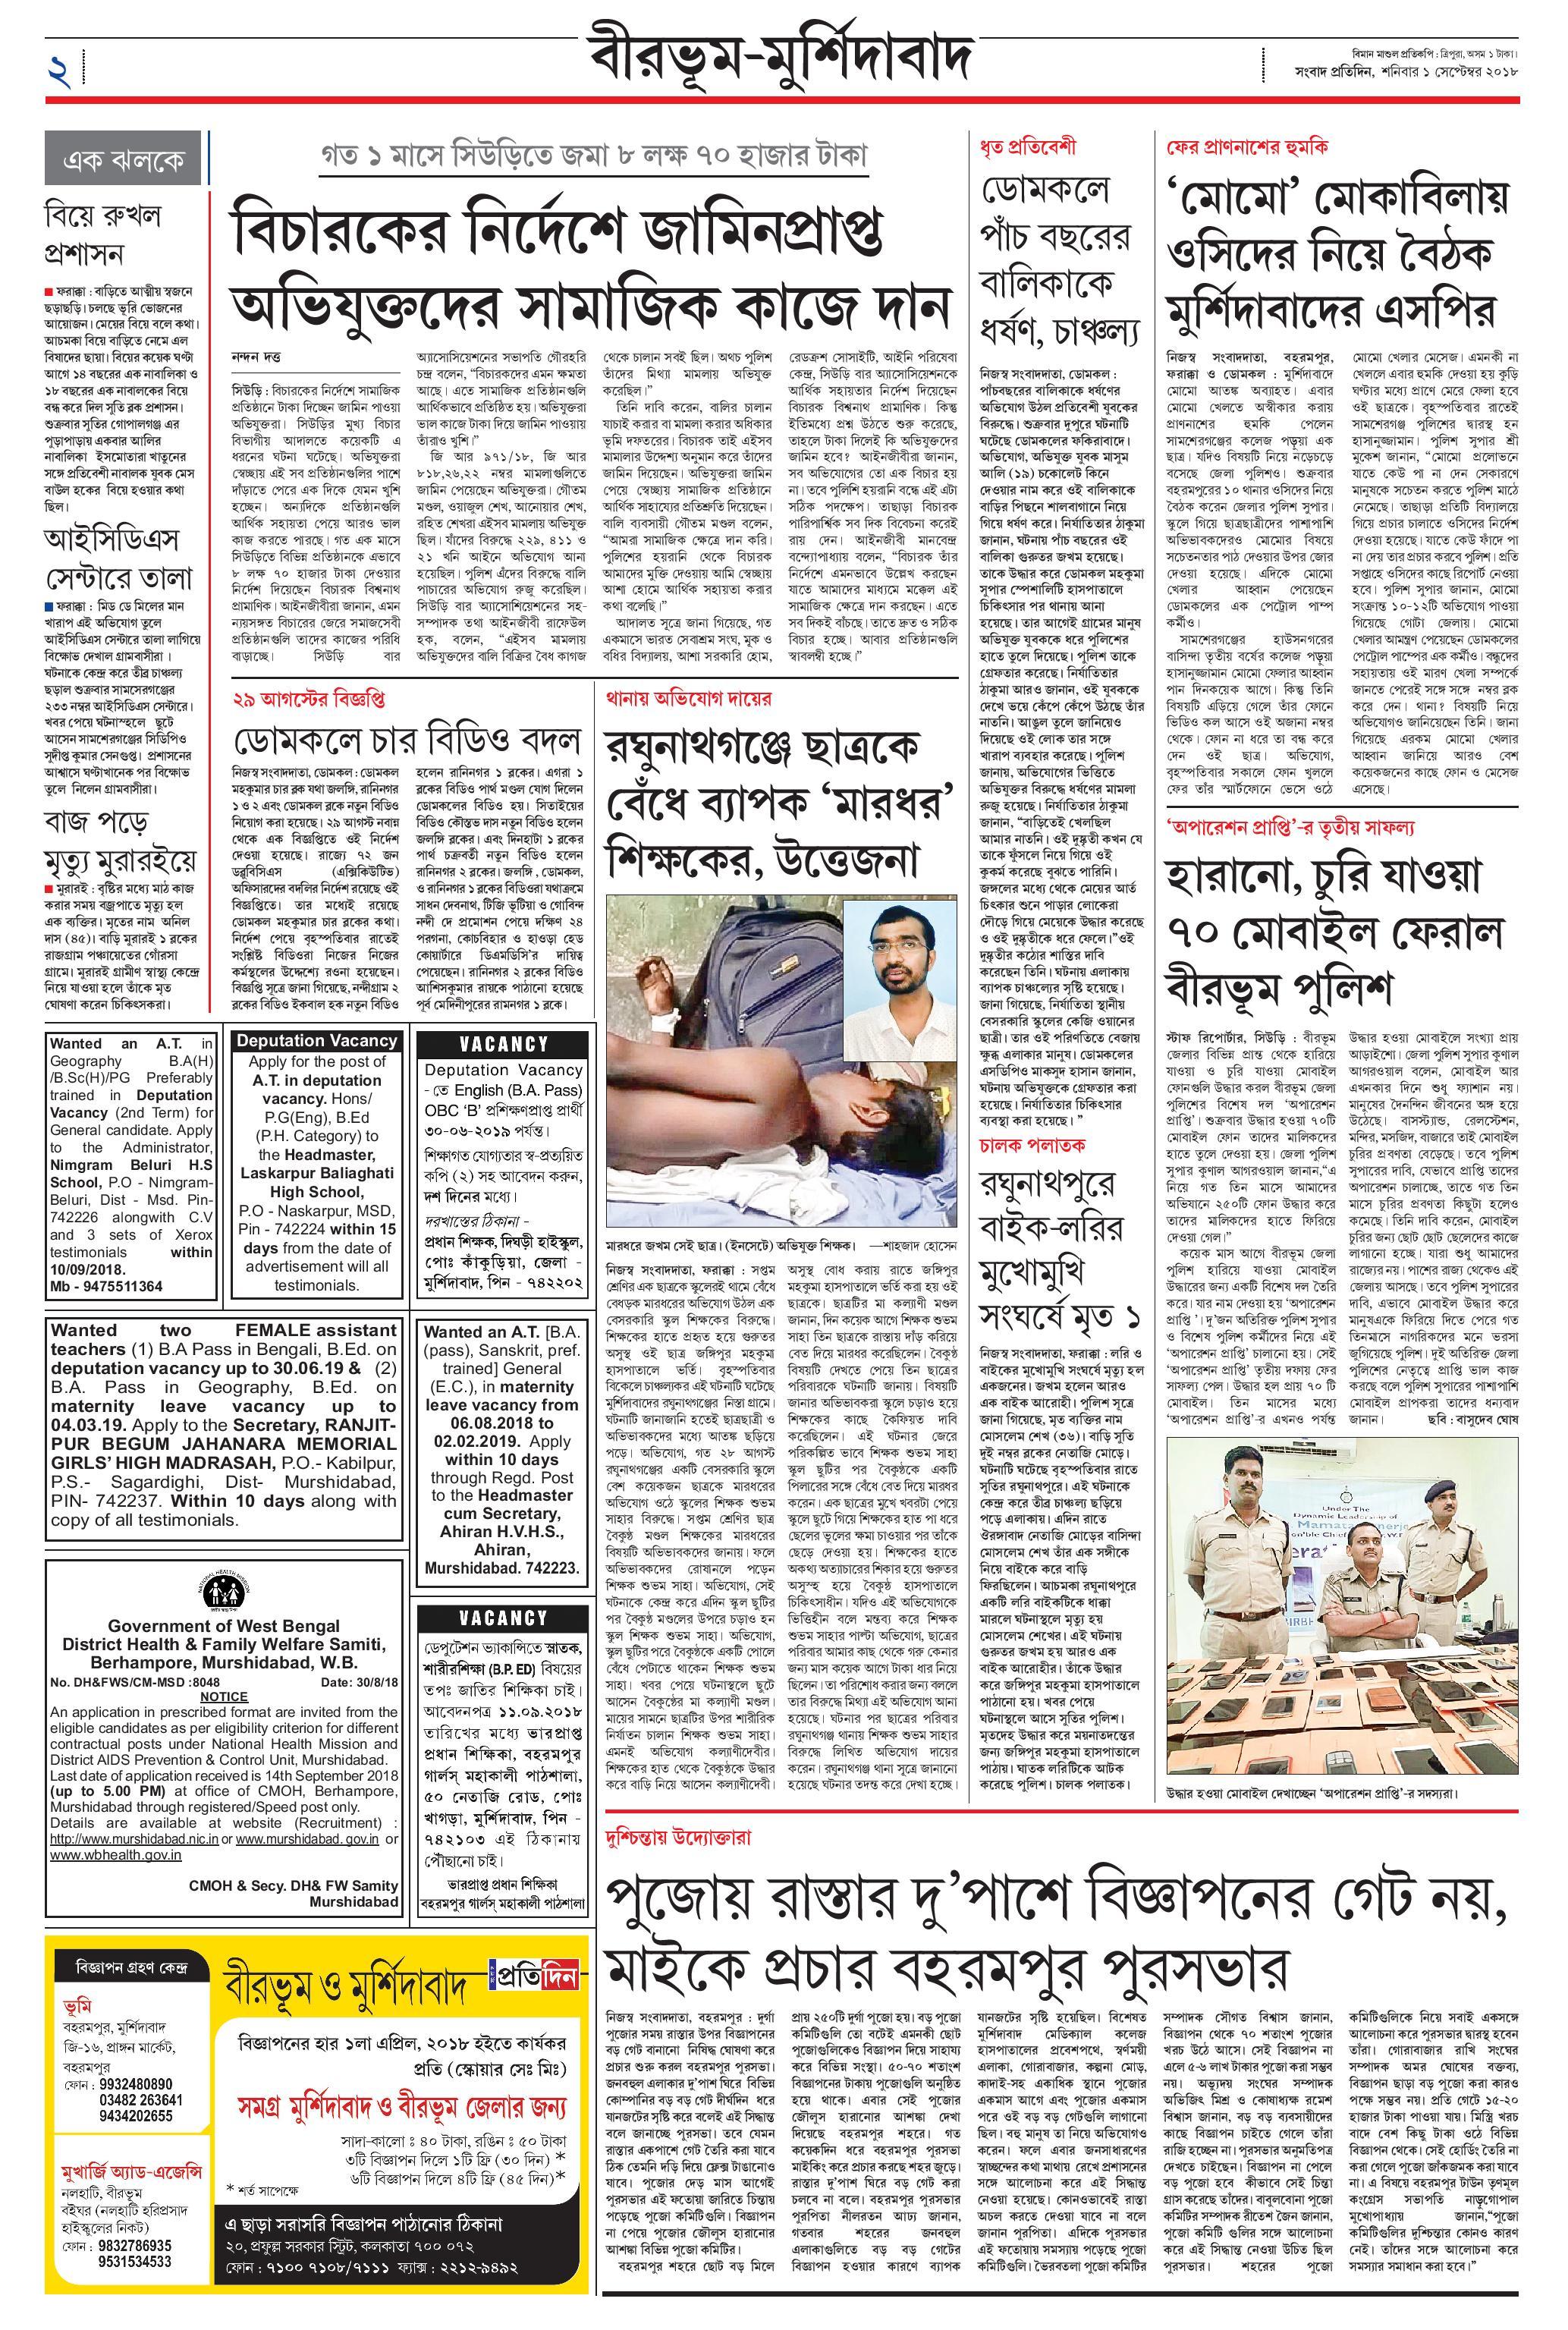 Sangbad Pratidin 01-09-18